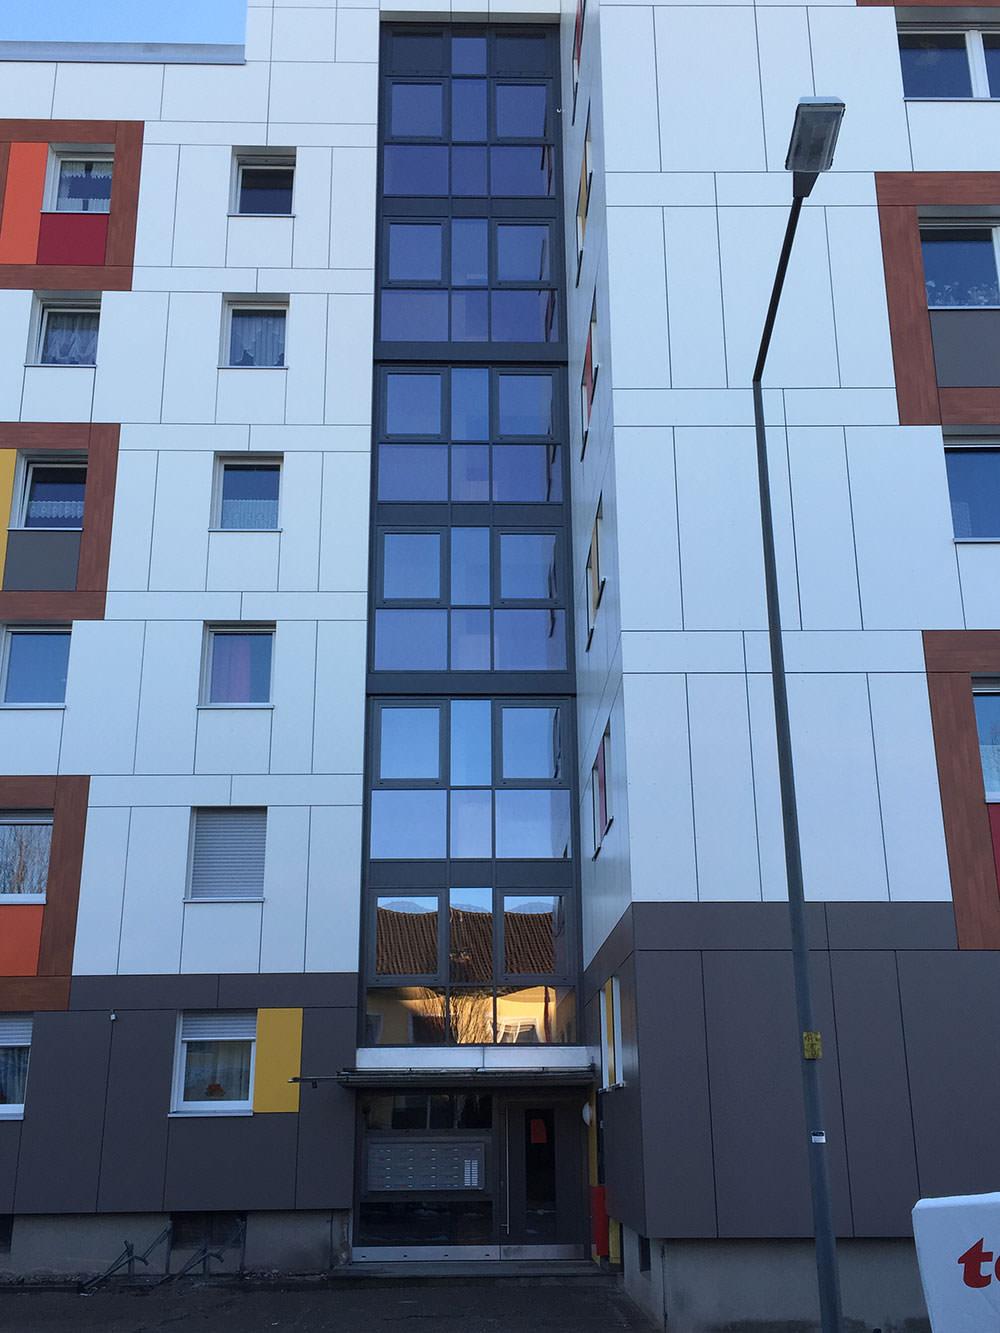 Produktbild Altbau Pfosten-Riegel Fassade in Rosenheim – Westerndorf